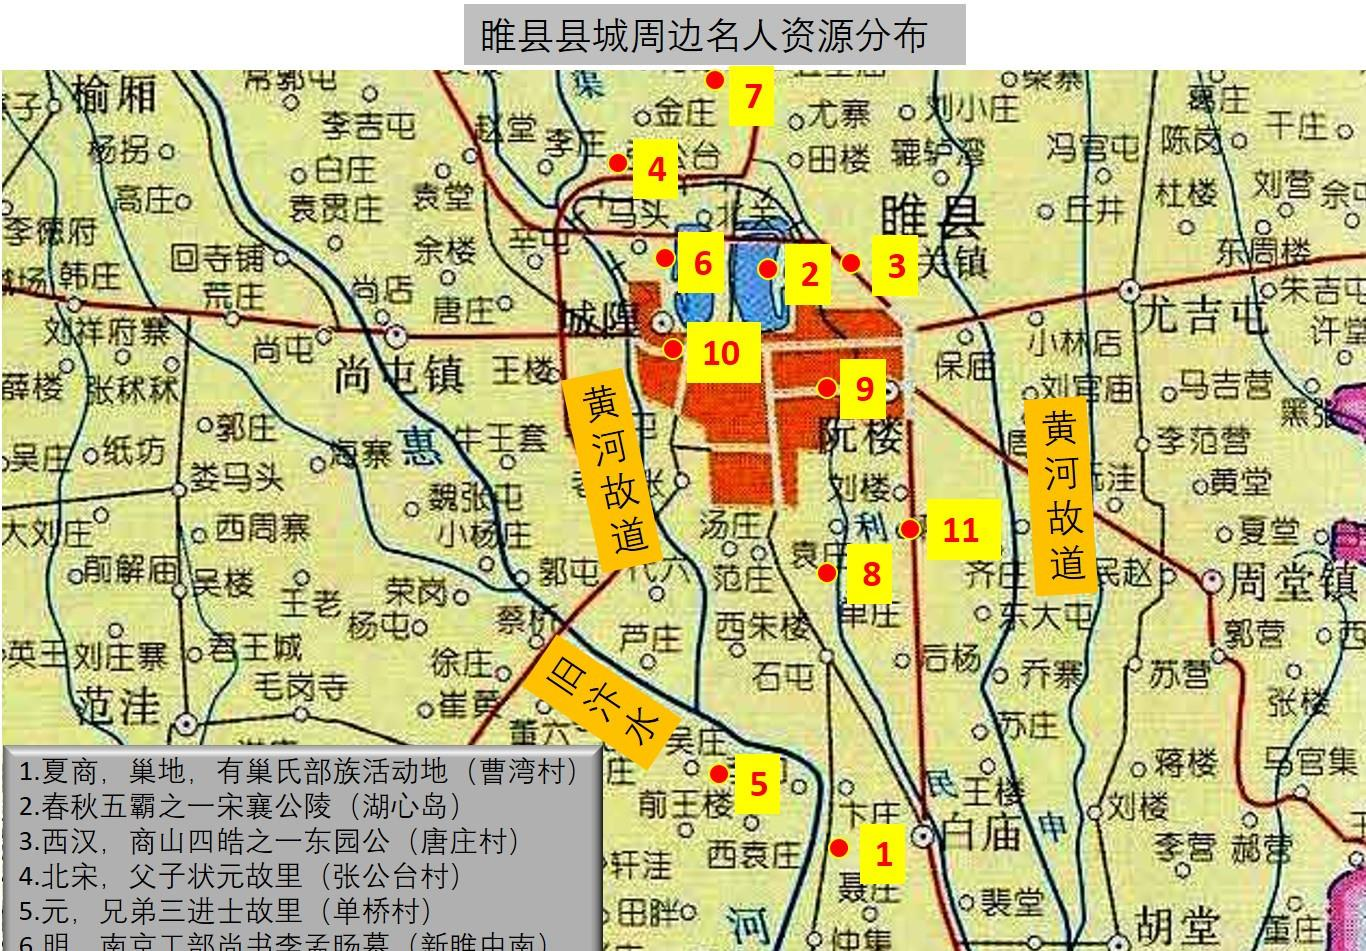 睢县历史文化名人资源开发建议